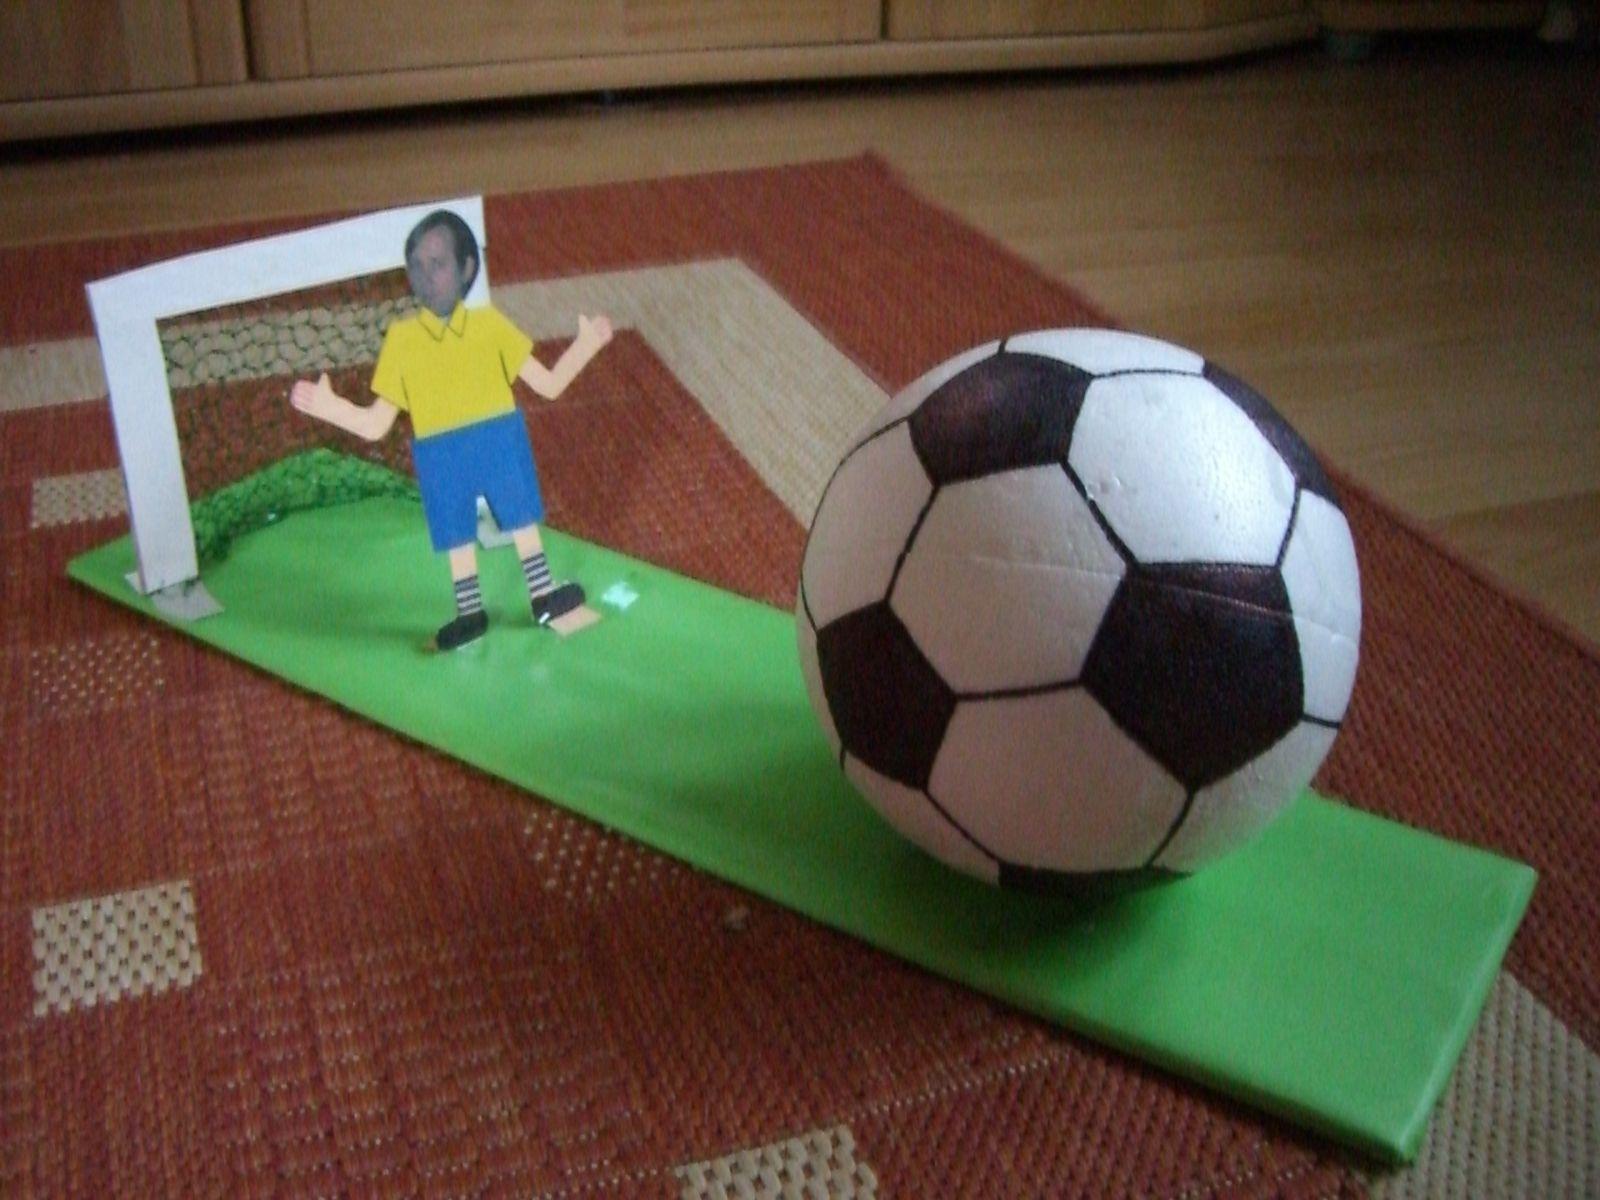 Geschenk Für Fußballfan Den Ball Kann Man öffnen Darin Wurde Das